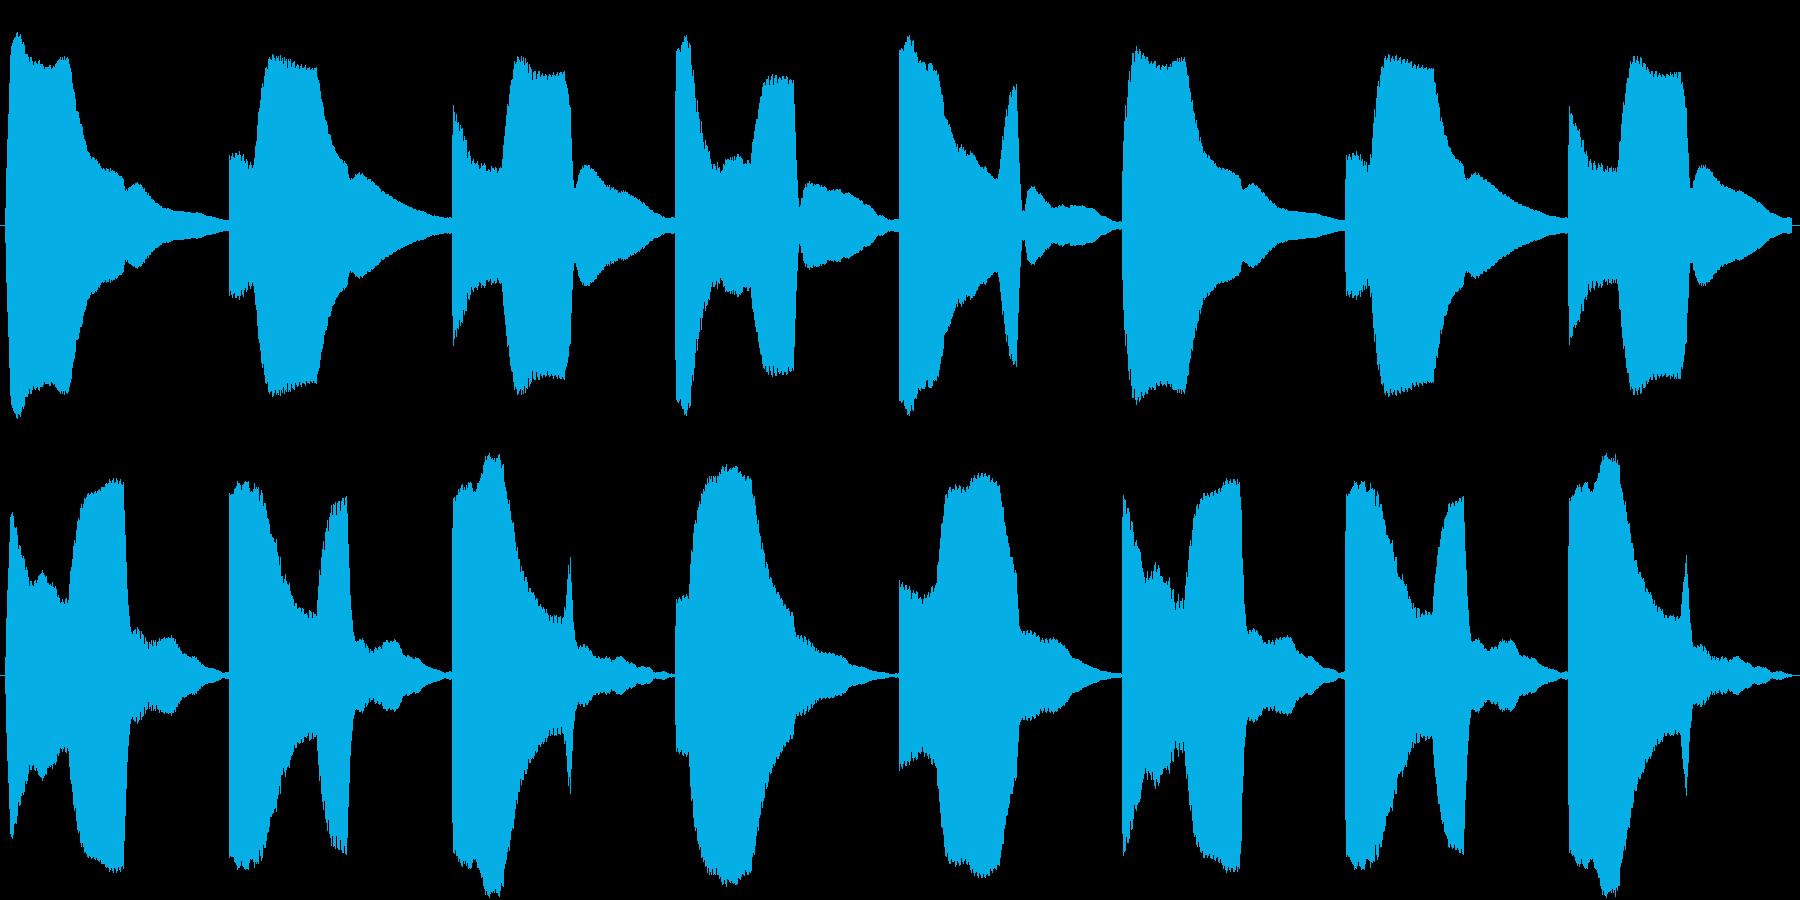 カウントダウン タイマー 時限爆弾の再生済みの波形